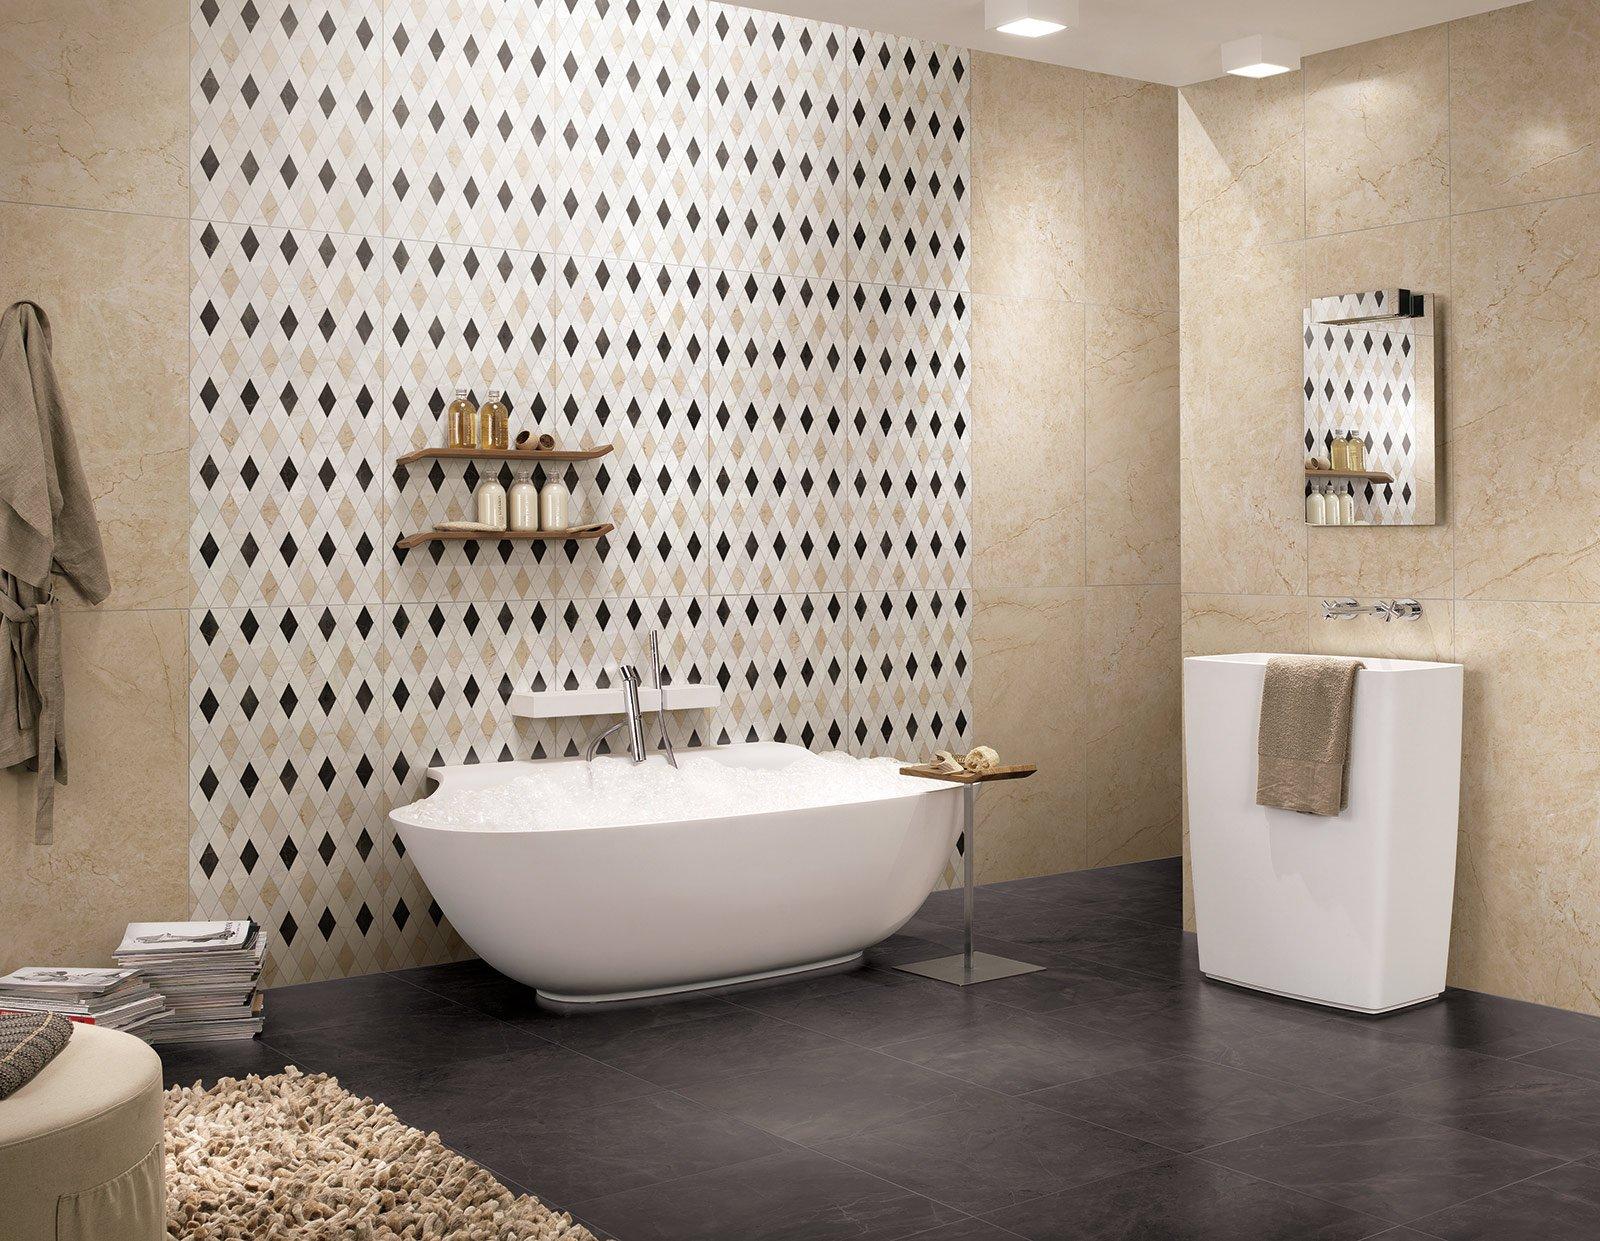 Piastrelle rivestimenti d effetto a parete cose di casa - Pannelli per coprire piastrelle bagno ...